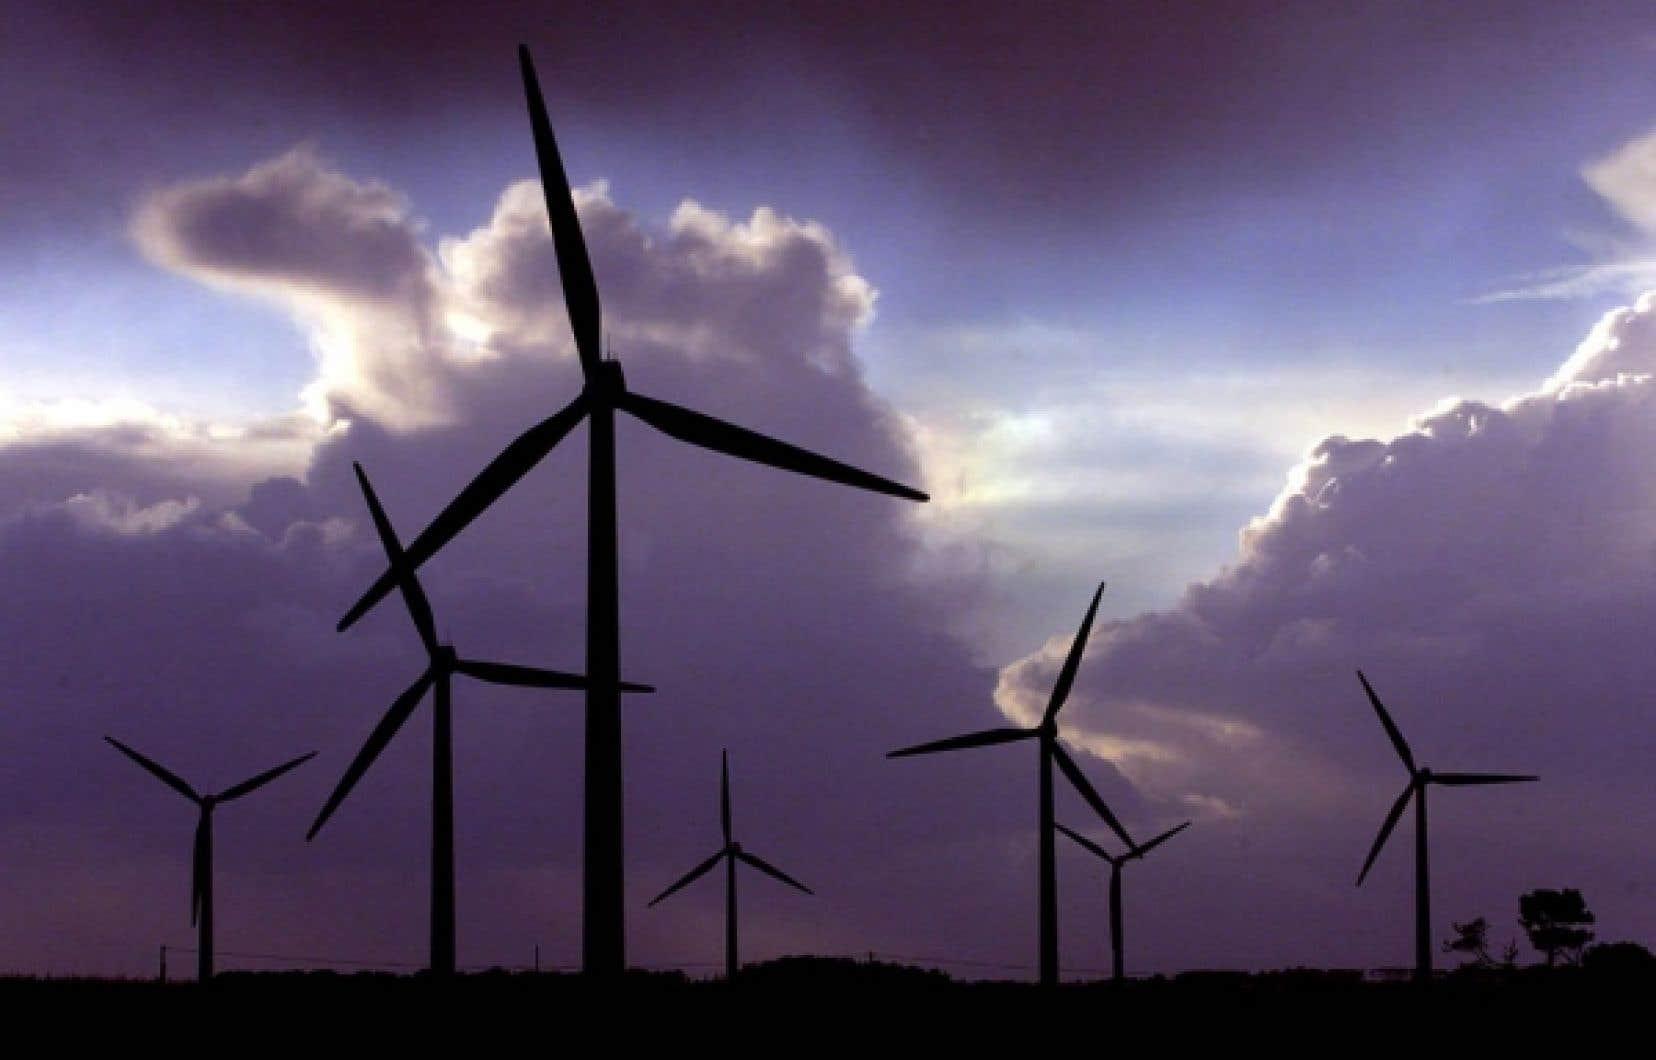 Le Québec est l'une des régions du globe les mieux équipées pour tirer avantage de l'éolien, estime Jean-François Nolet, chargé de l'élaboration des politiques pour le Québec et le Canada Atlantique auprès de l'Association canadienne de l'énergie éolienne.